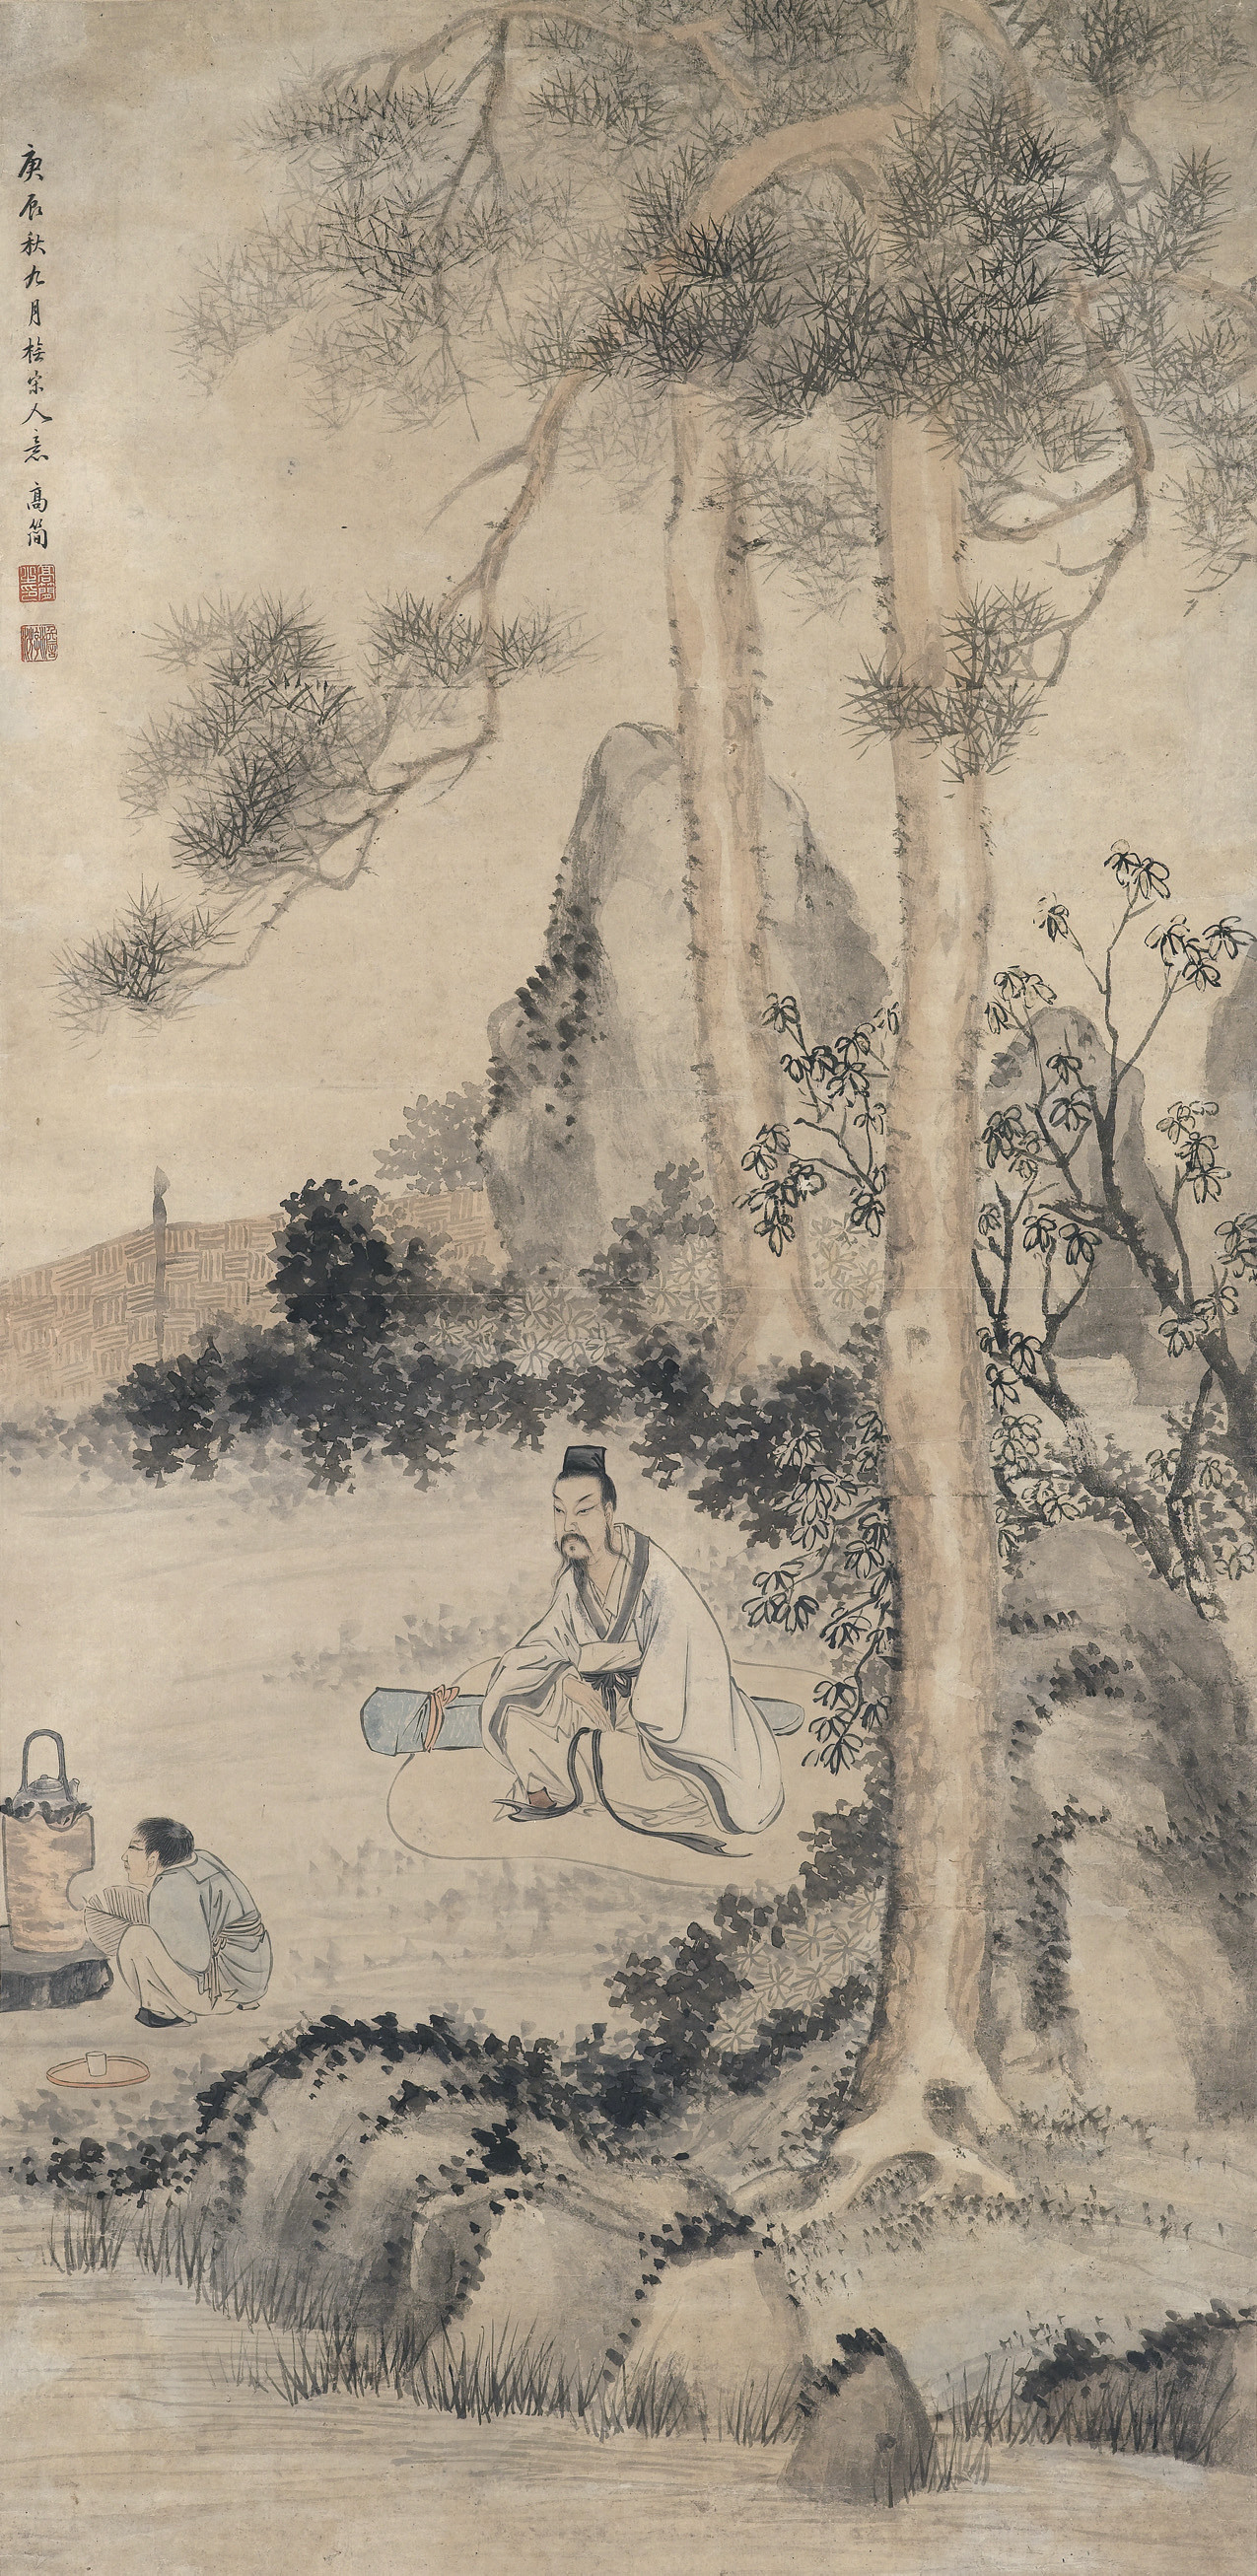 GAO JIAN (1634-1708)